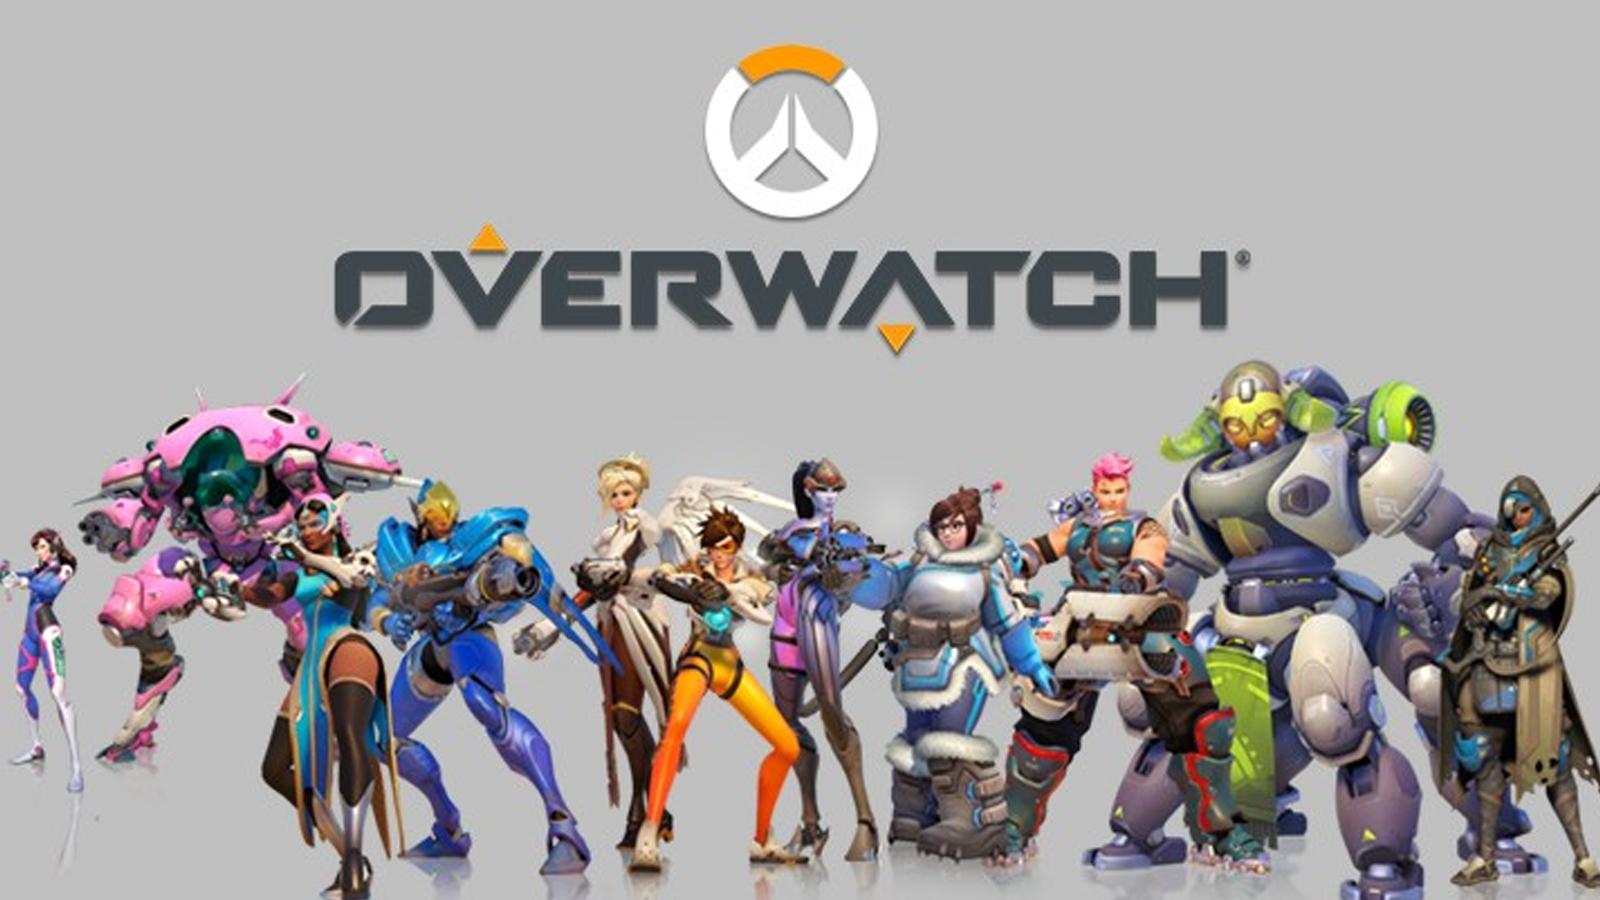 portada overwatch nuevo personaje